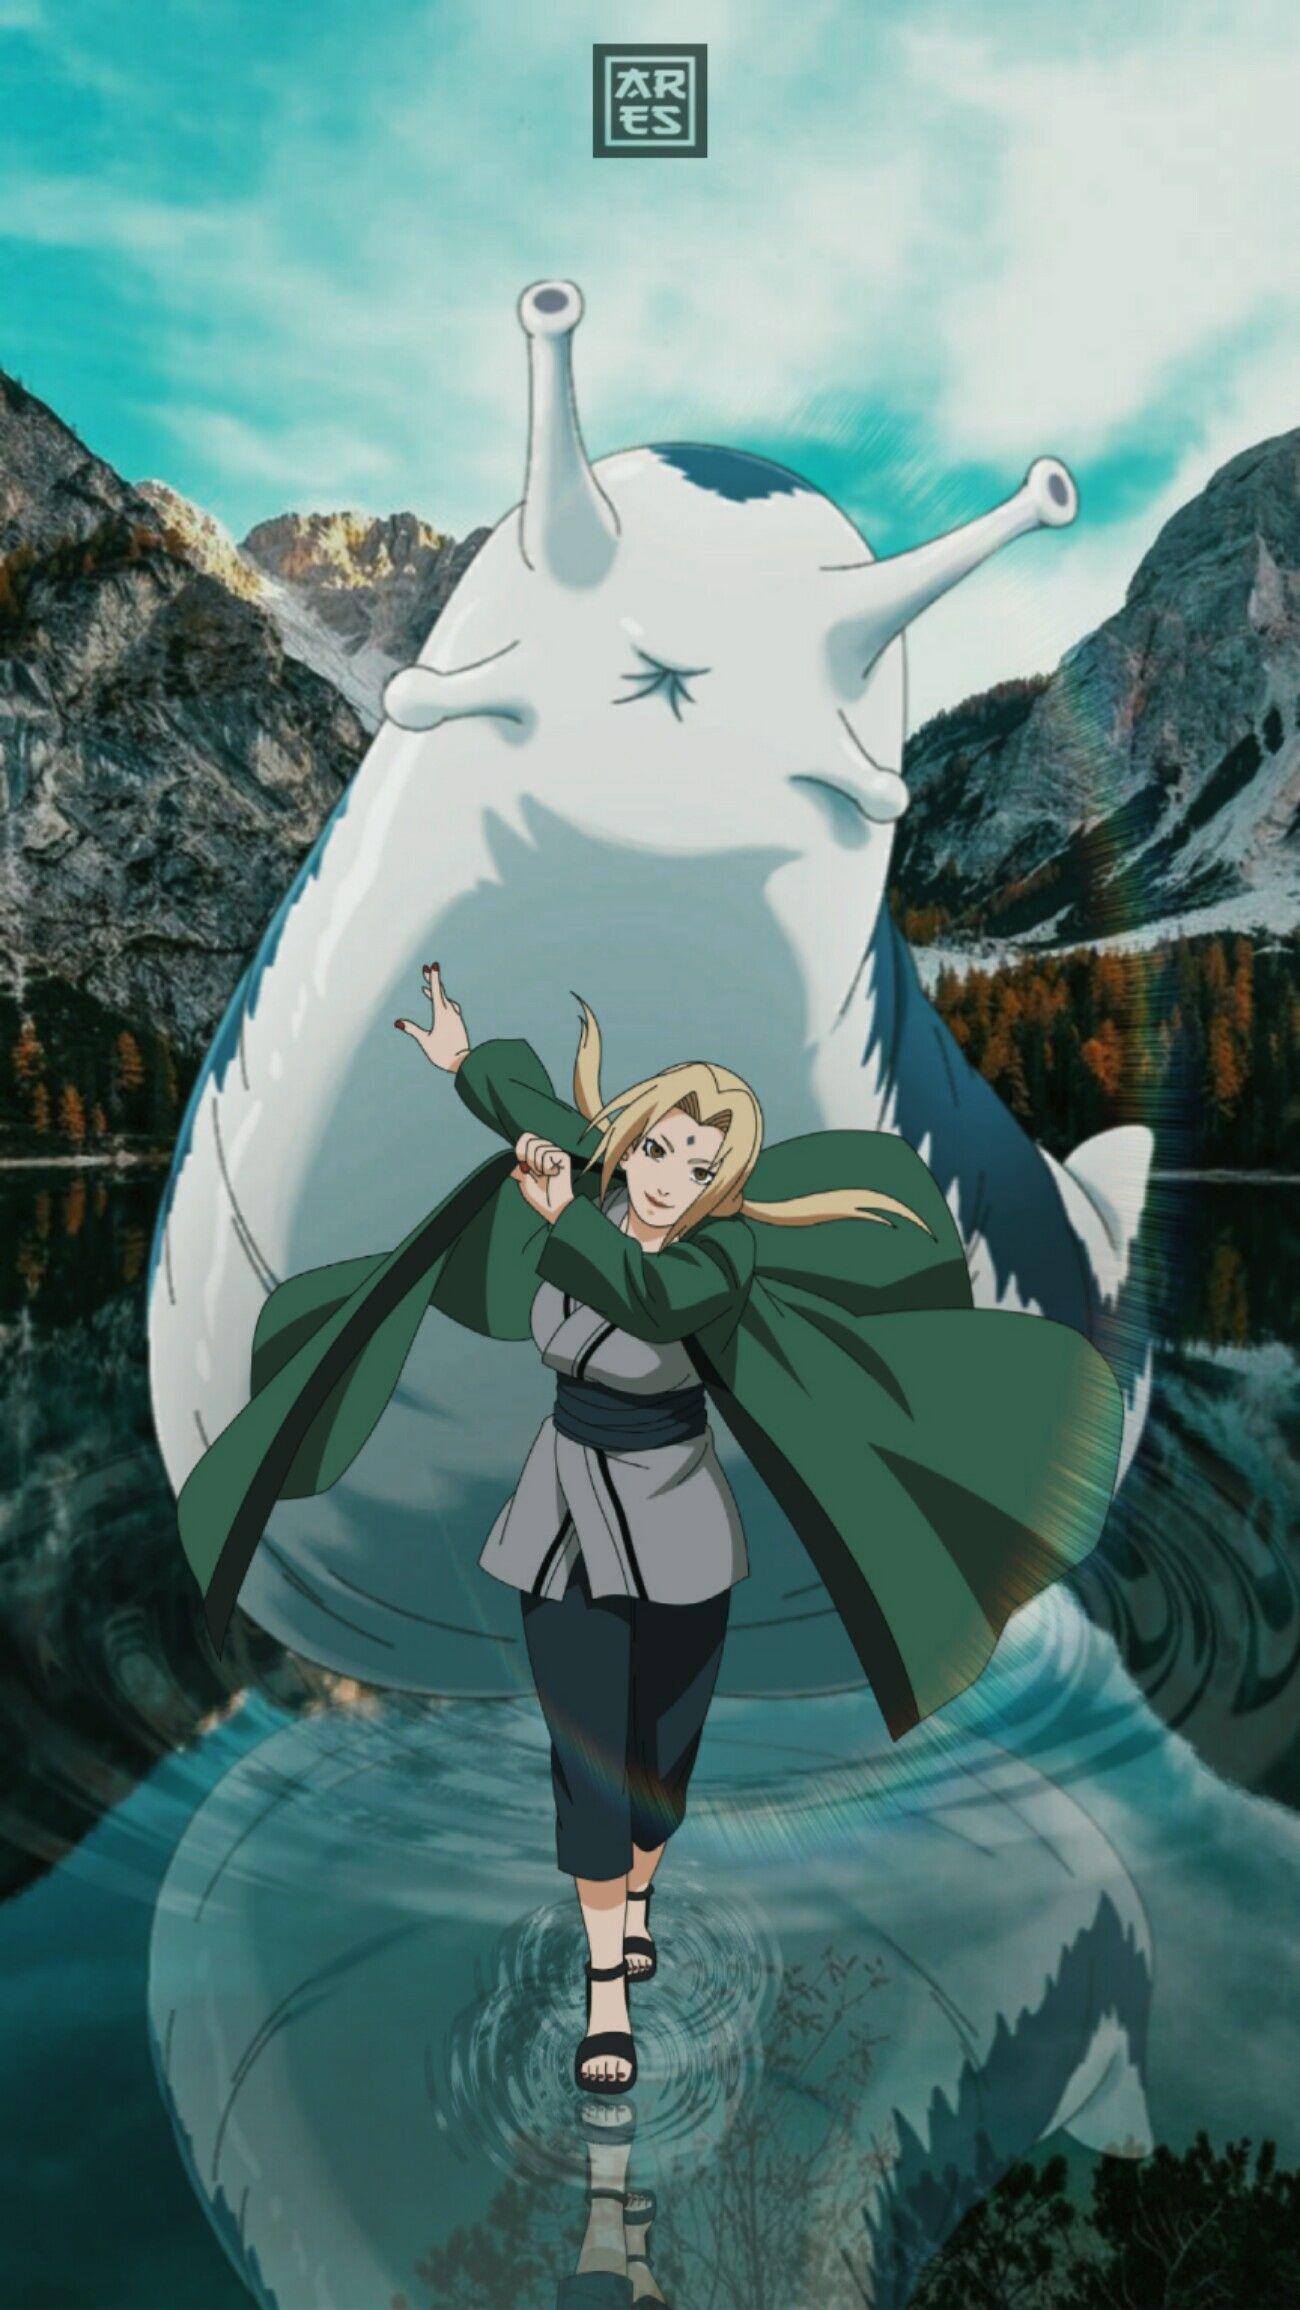 Tsunade Em 2020 Meninas Naruto Personagens De Anime Personagens Naruto Shippuden